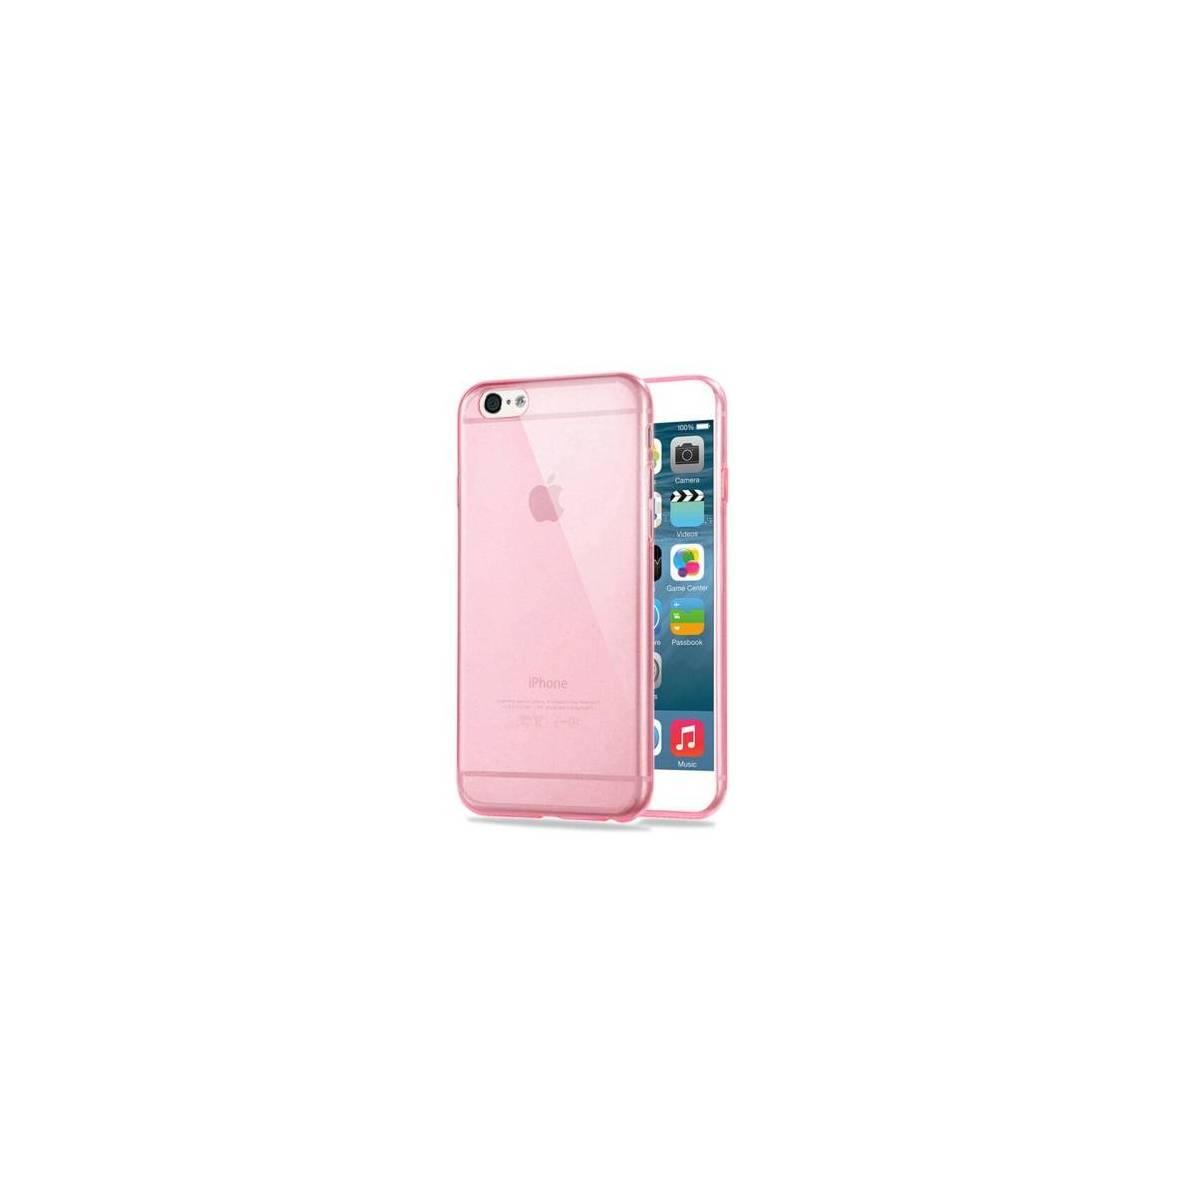 Dockningstation laddare för iPhone 5,5S, 6, 6S, 6plus Rosé